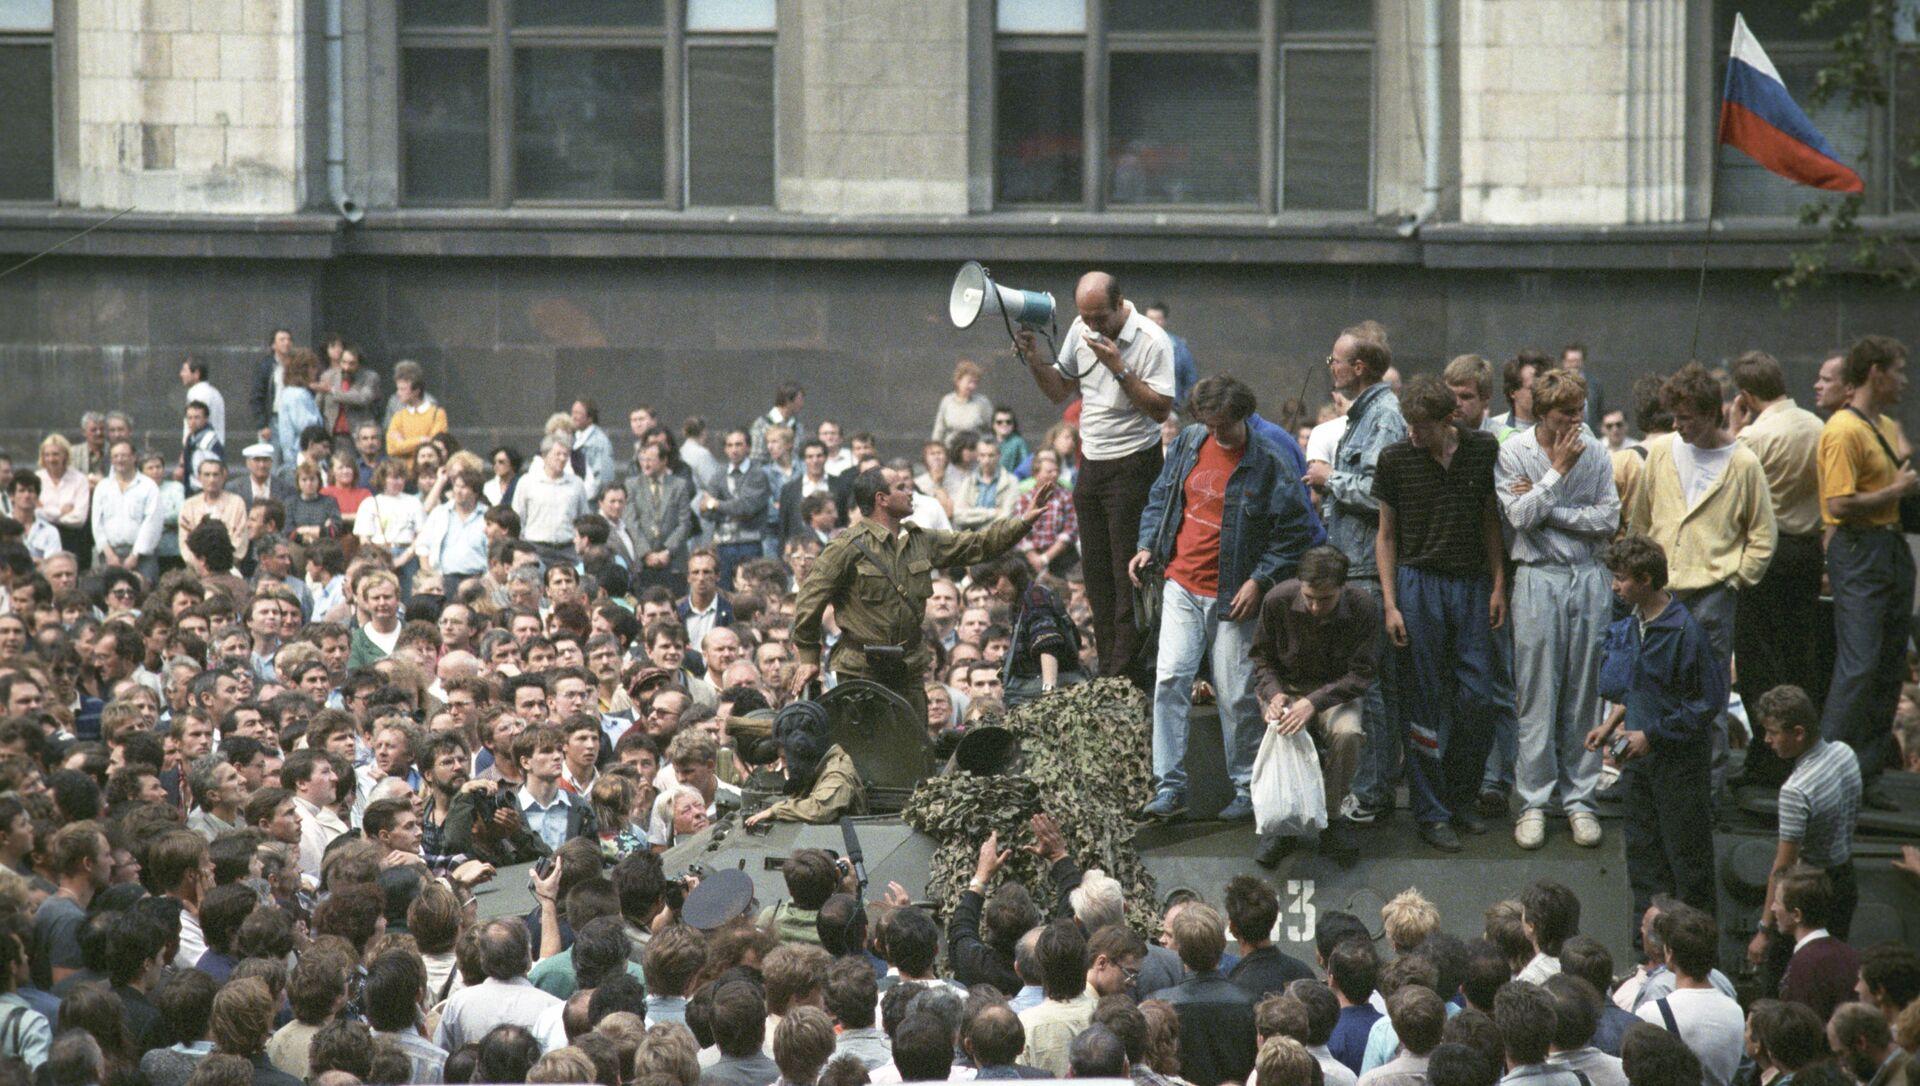 Участники митинга на одной из улиц Москвы, организованного в связи с введением чрезвычайного положения. Августовский путч 1991 года. - Sputnik Абхазия, 1920, 19.08.2021